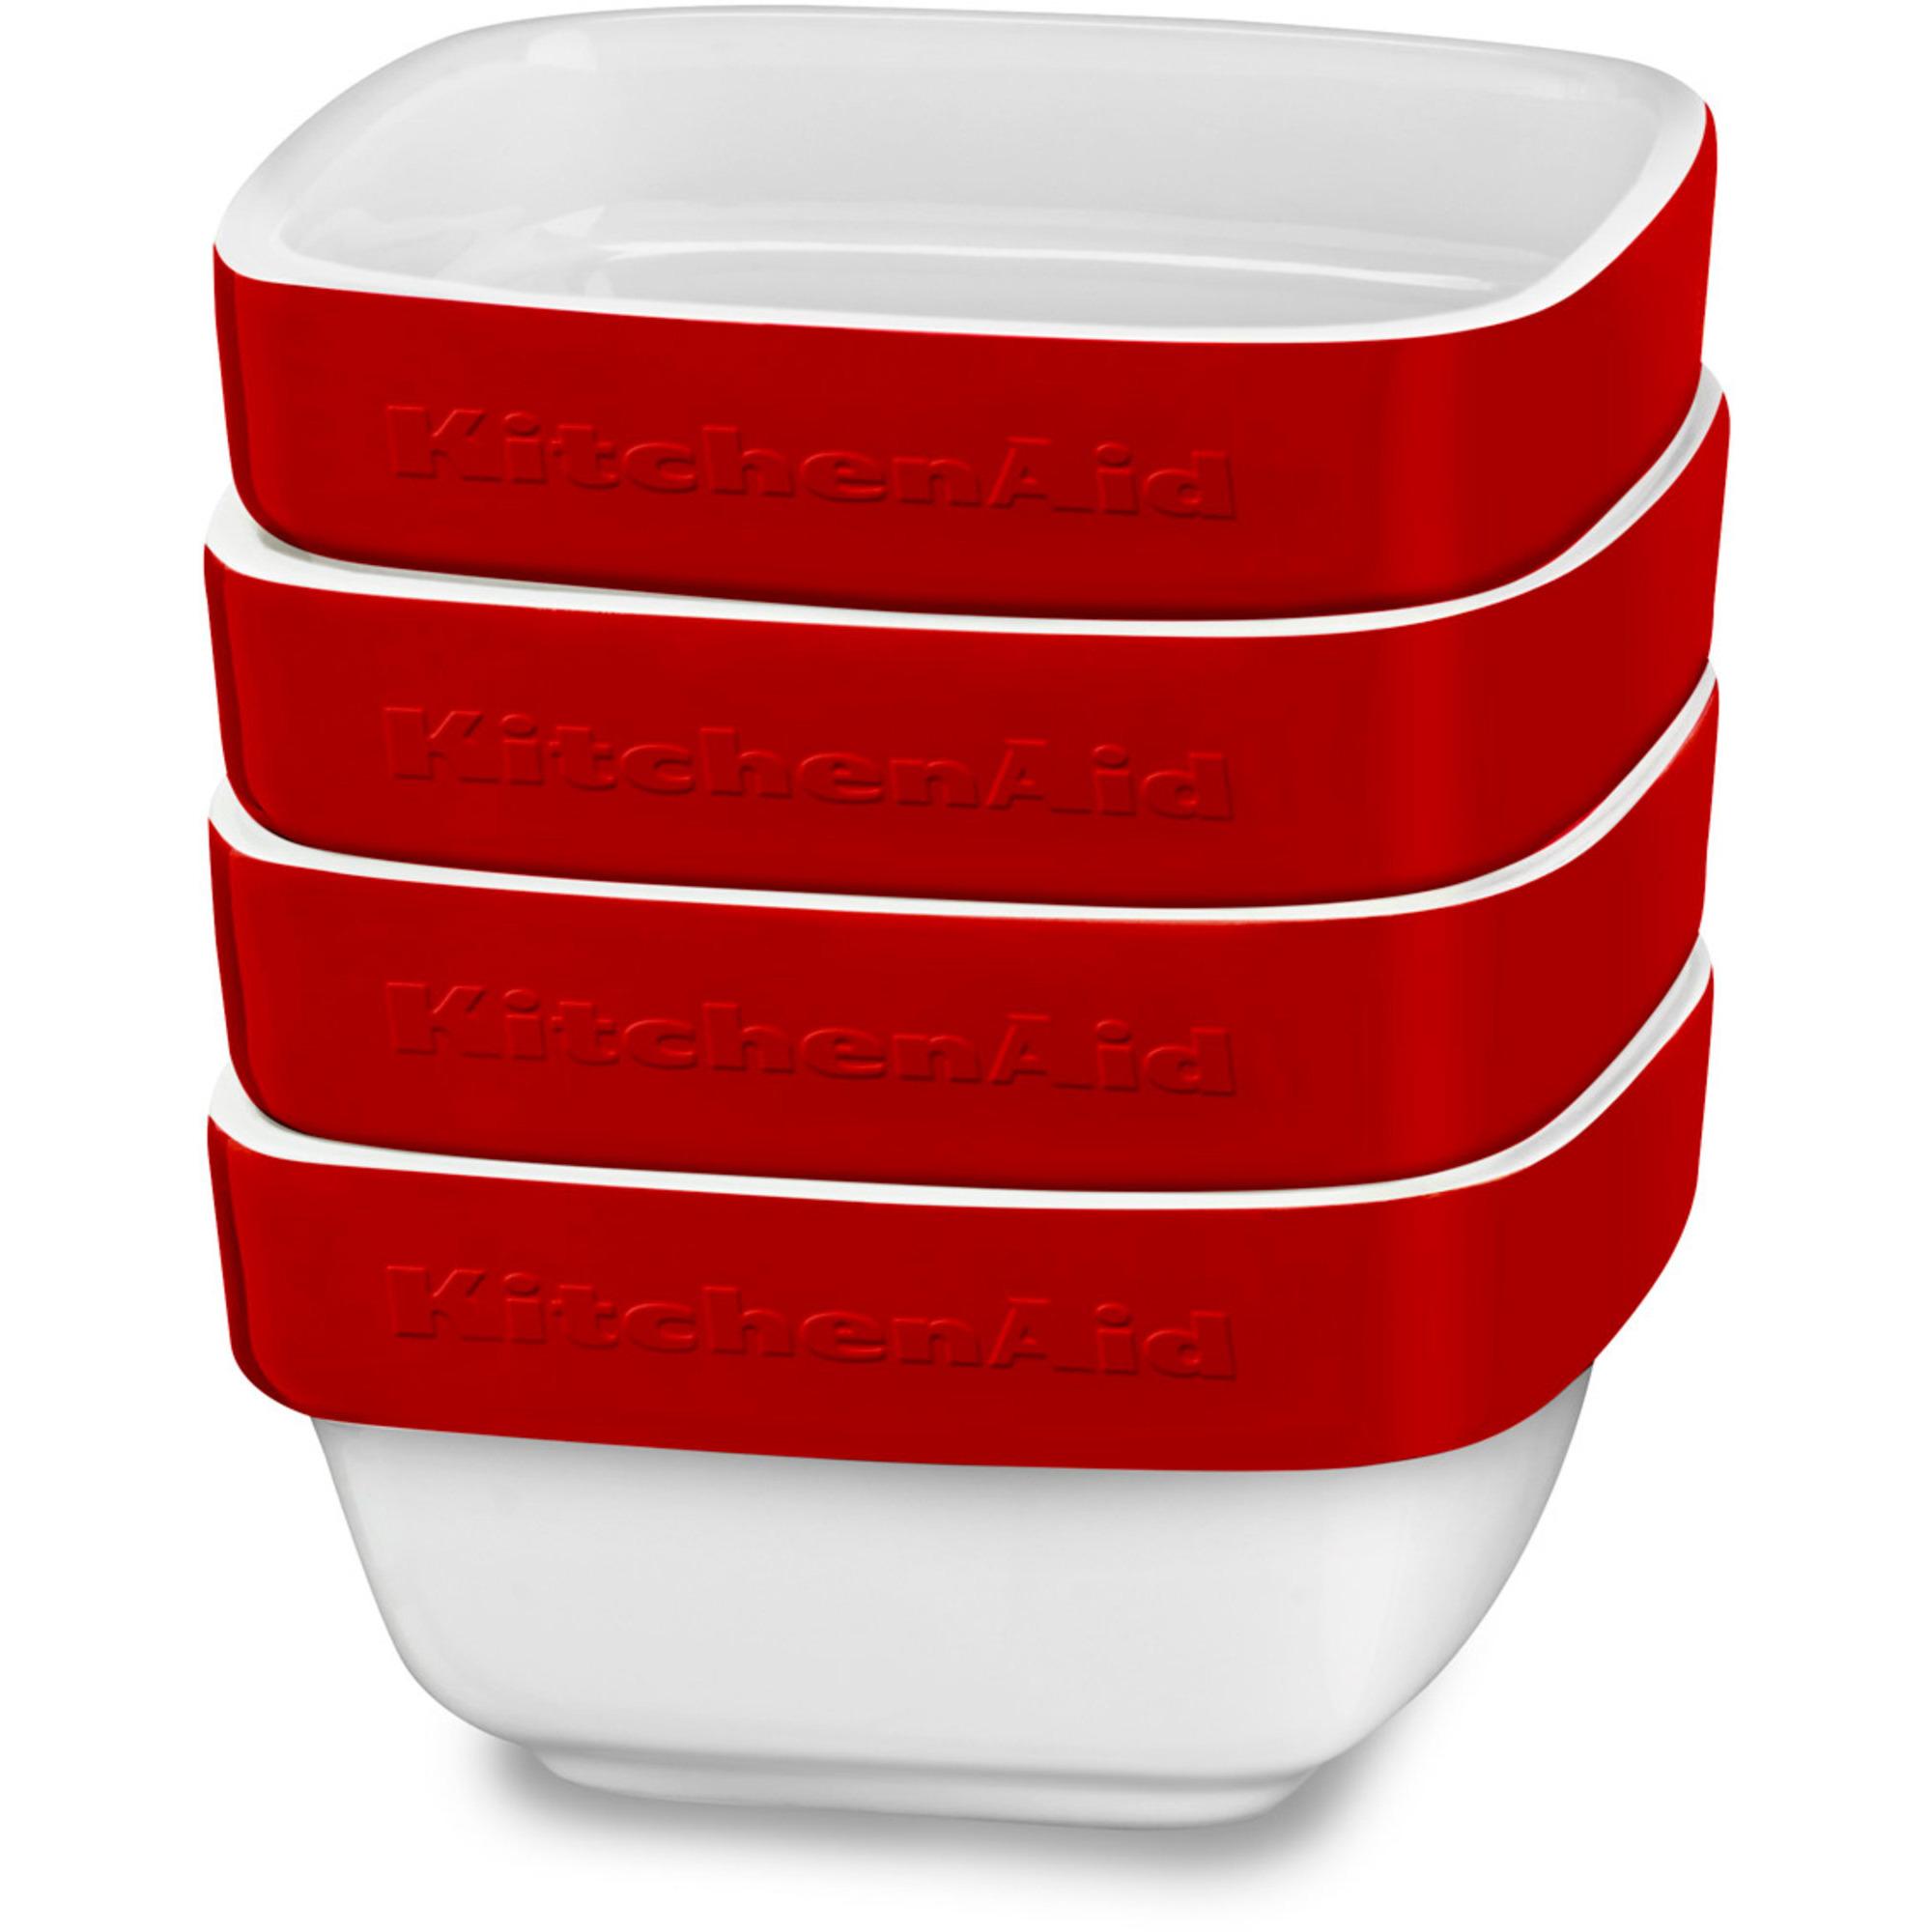 KitchenAid Ramekin 4 St 10x10x5 cm Röd